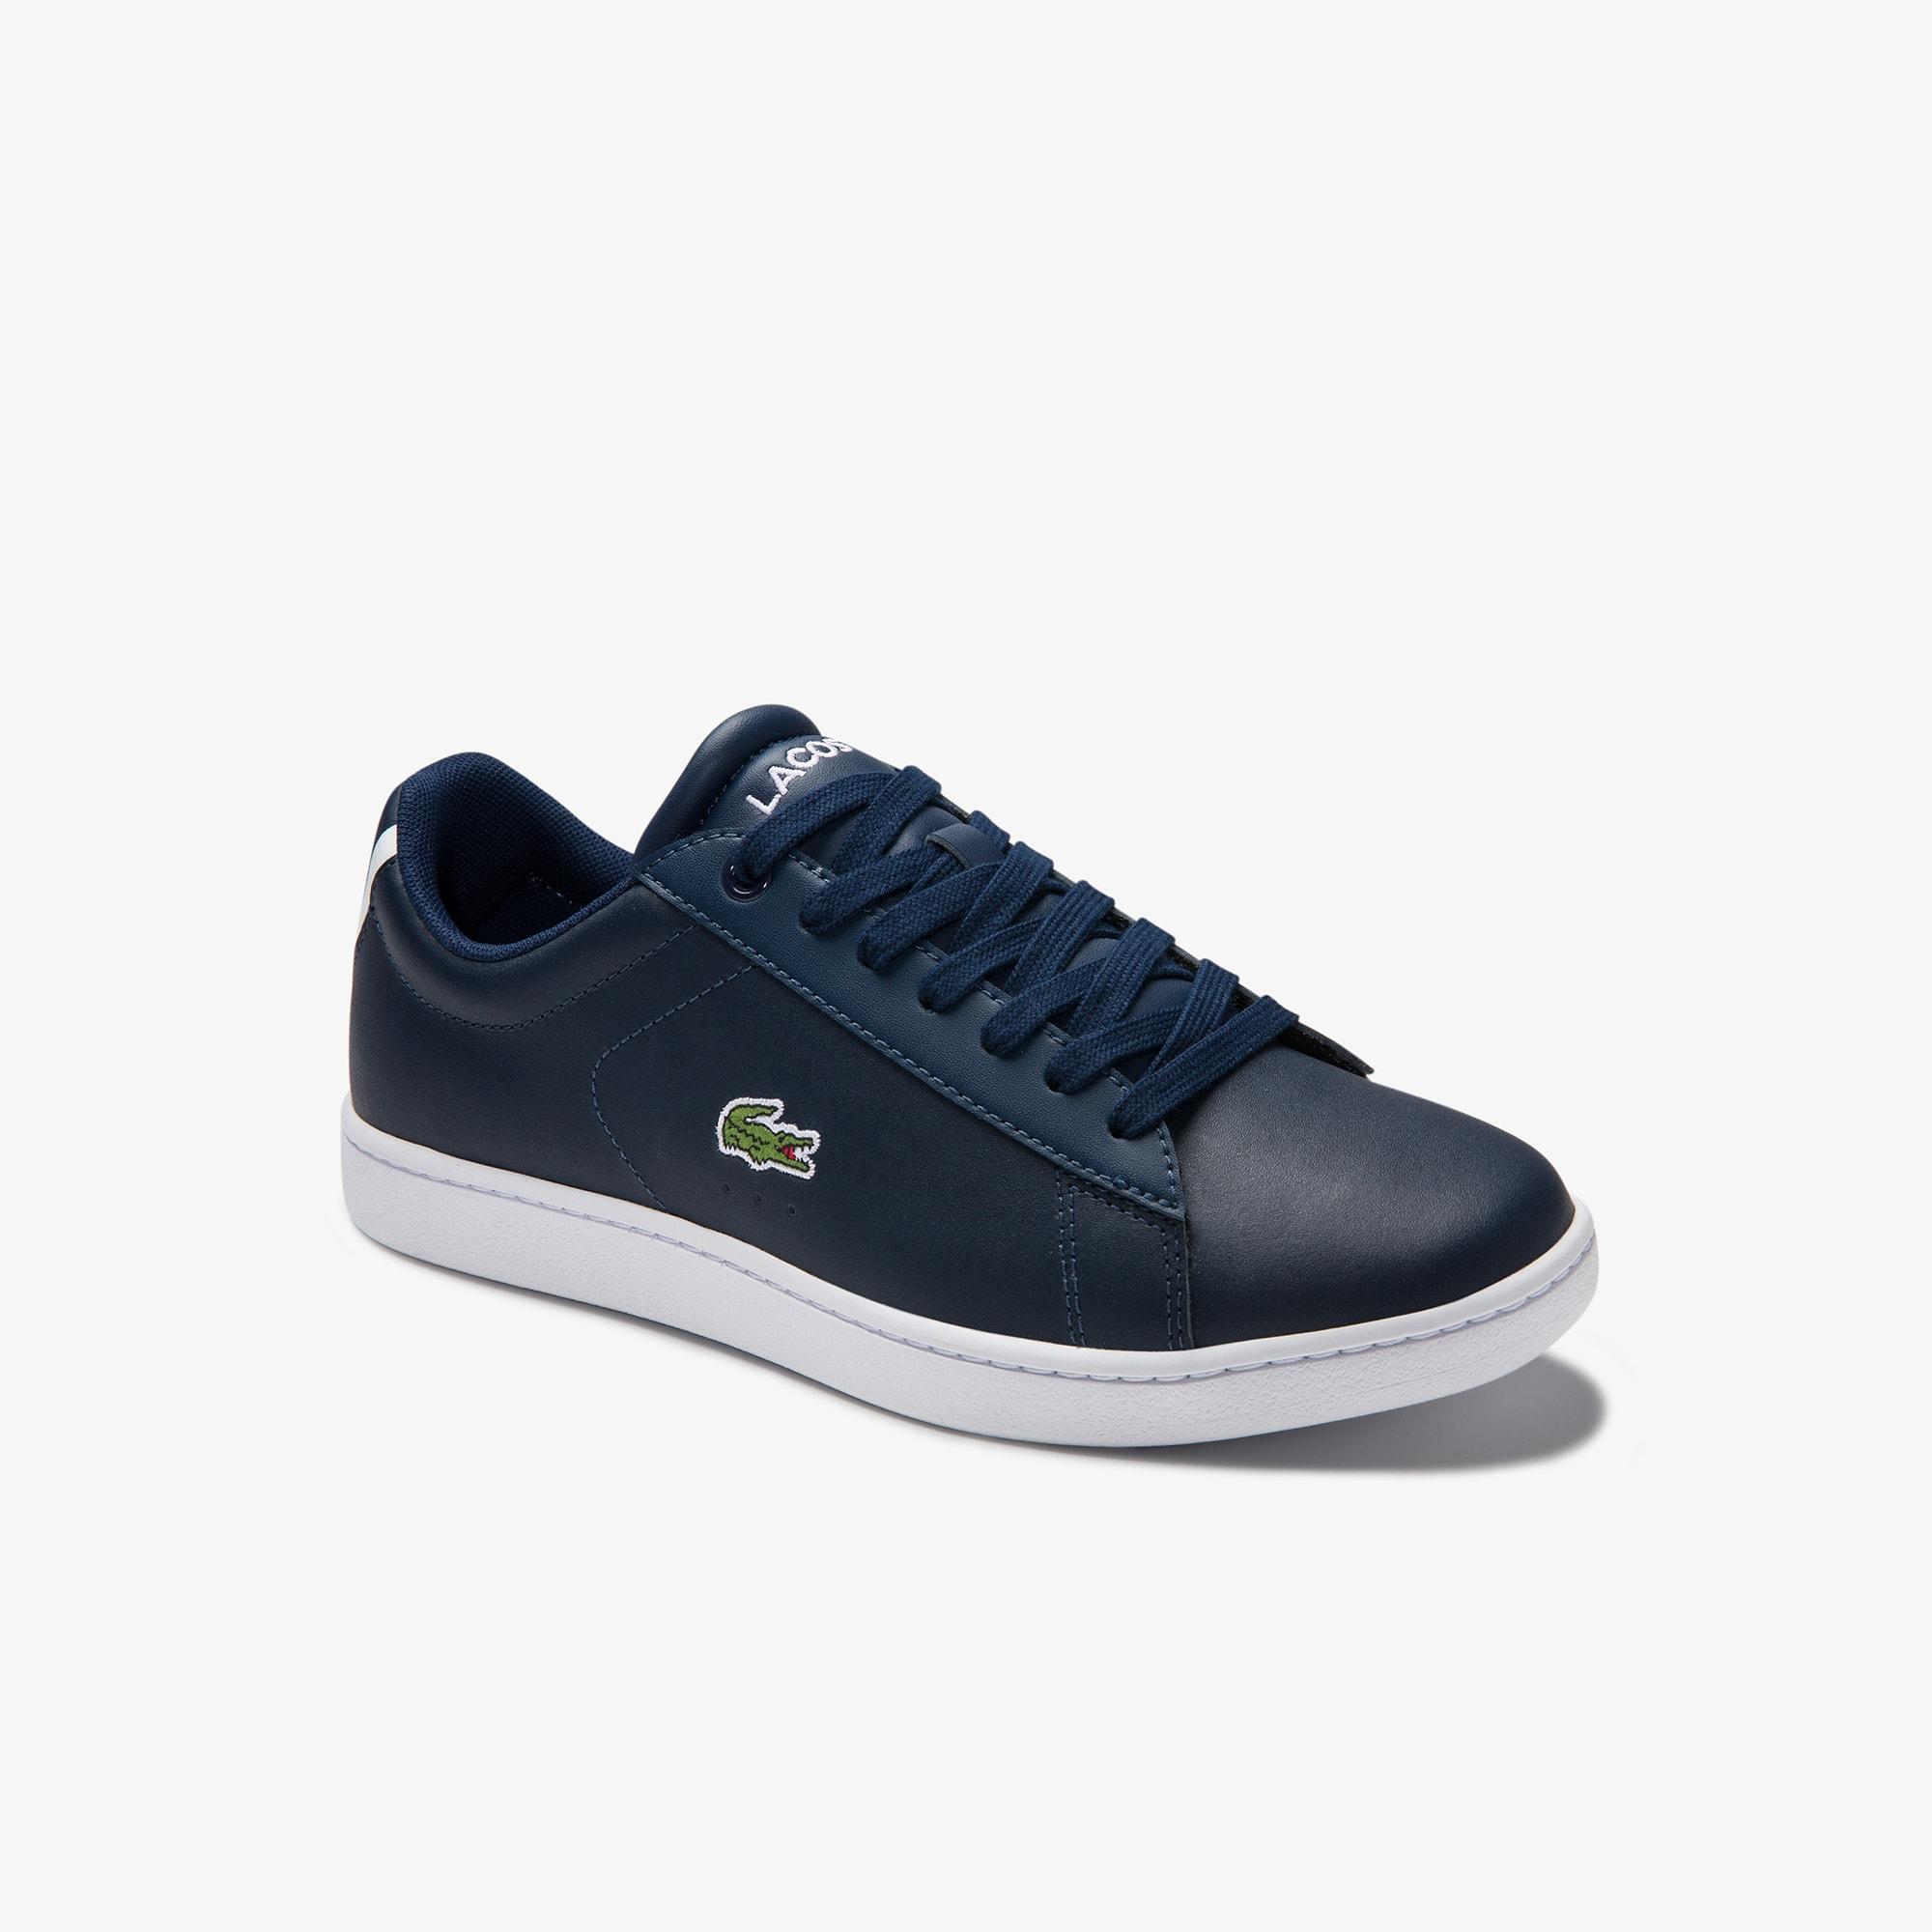 f3583f2d Zapatos para mujer | Colección de calzado | LACOSTE SPORT